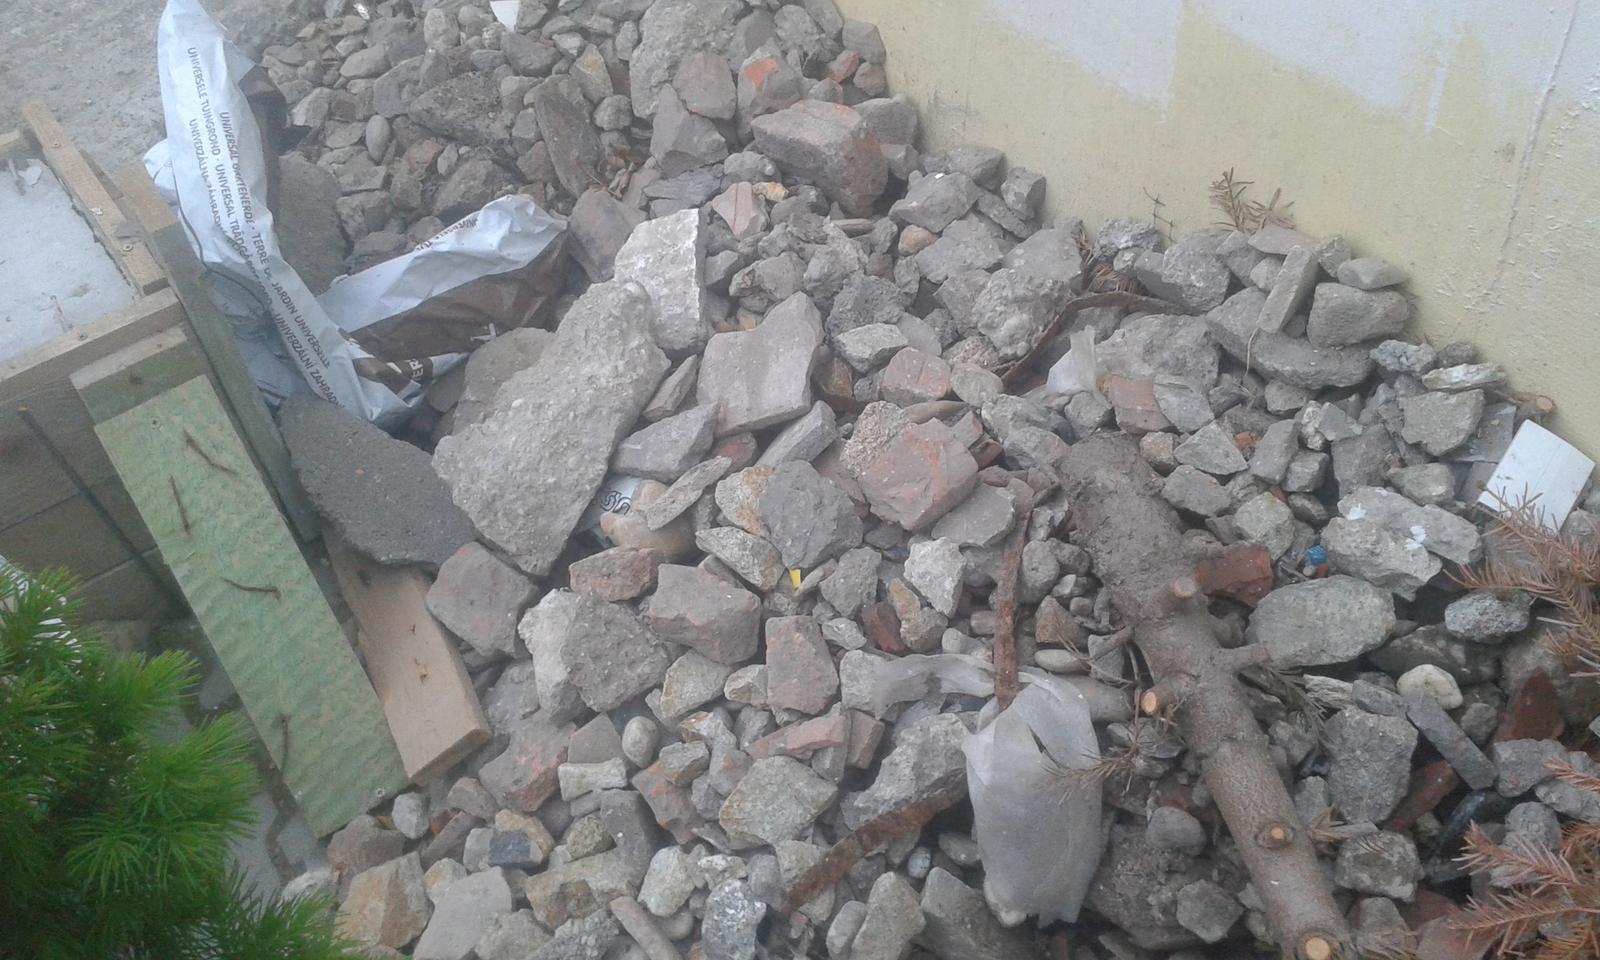 Naše átrium - len mensia časť odpadu z čistenia úzkeho záhona na okraji